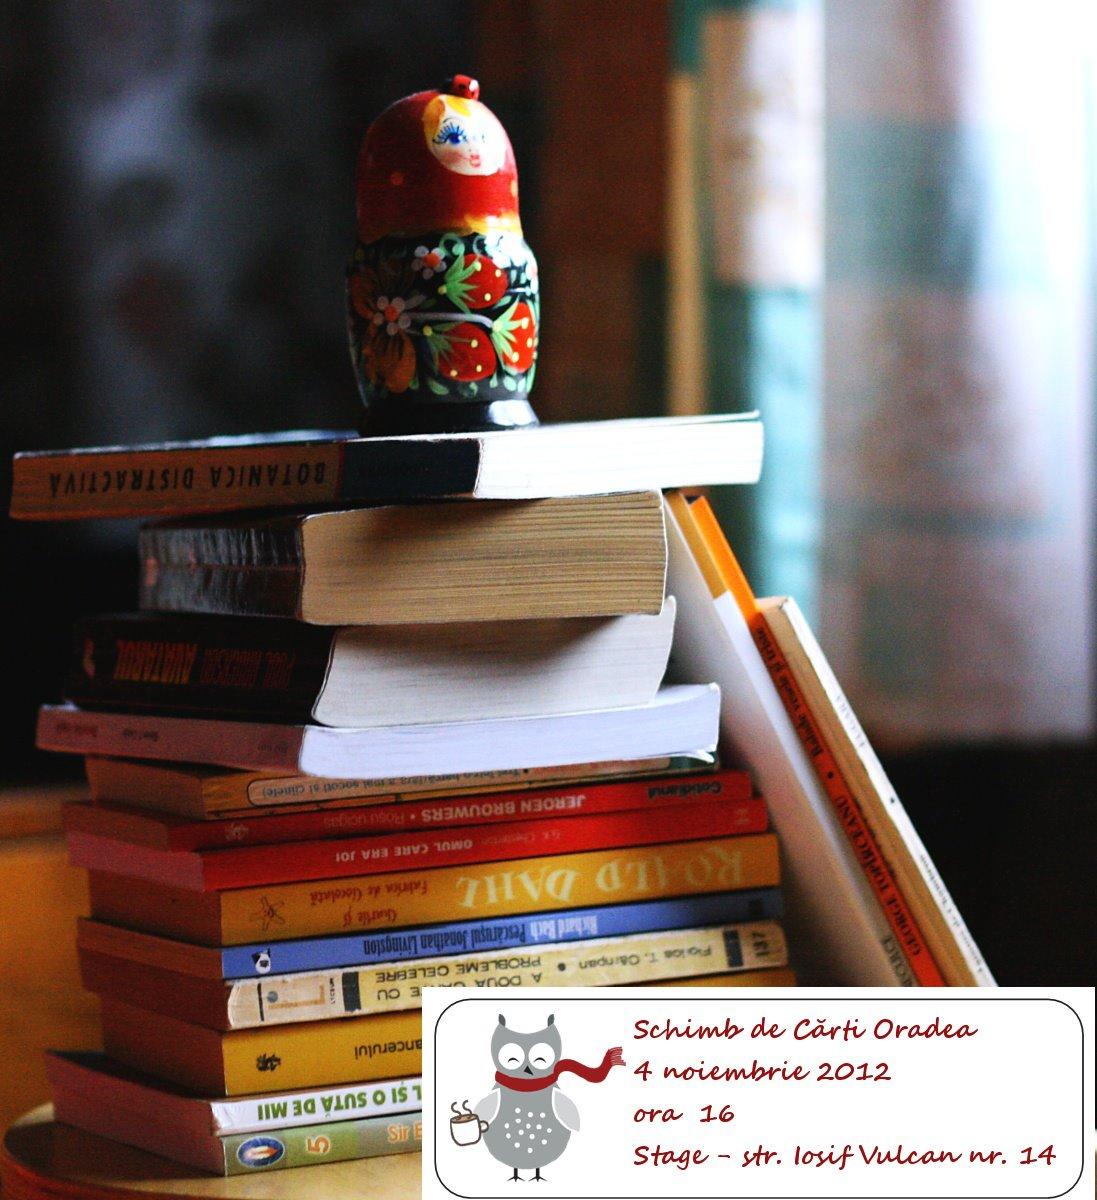 Schimb de cărţi Oradea, noiembrie 2012 #1